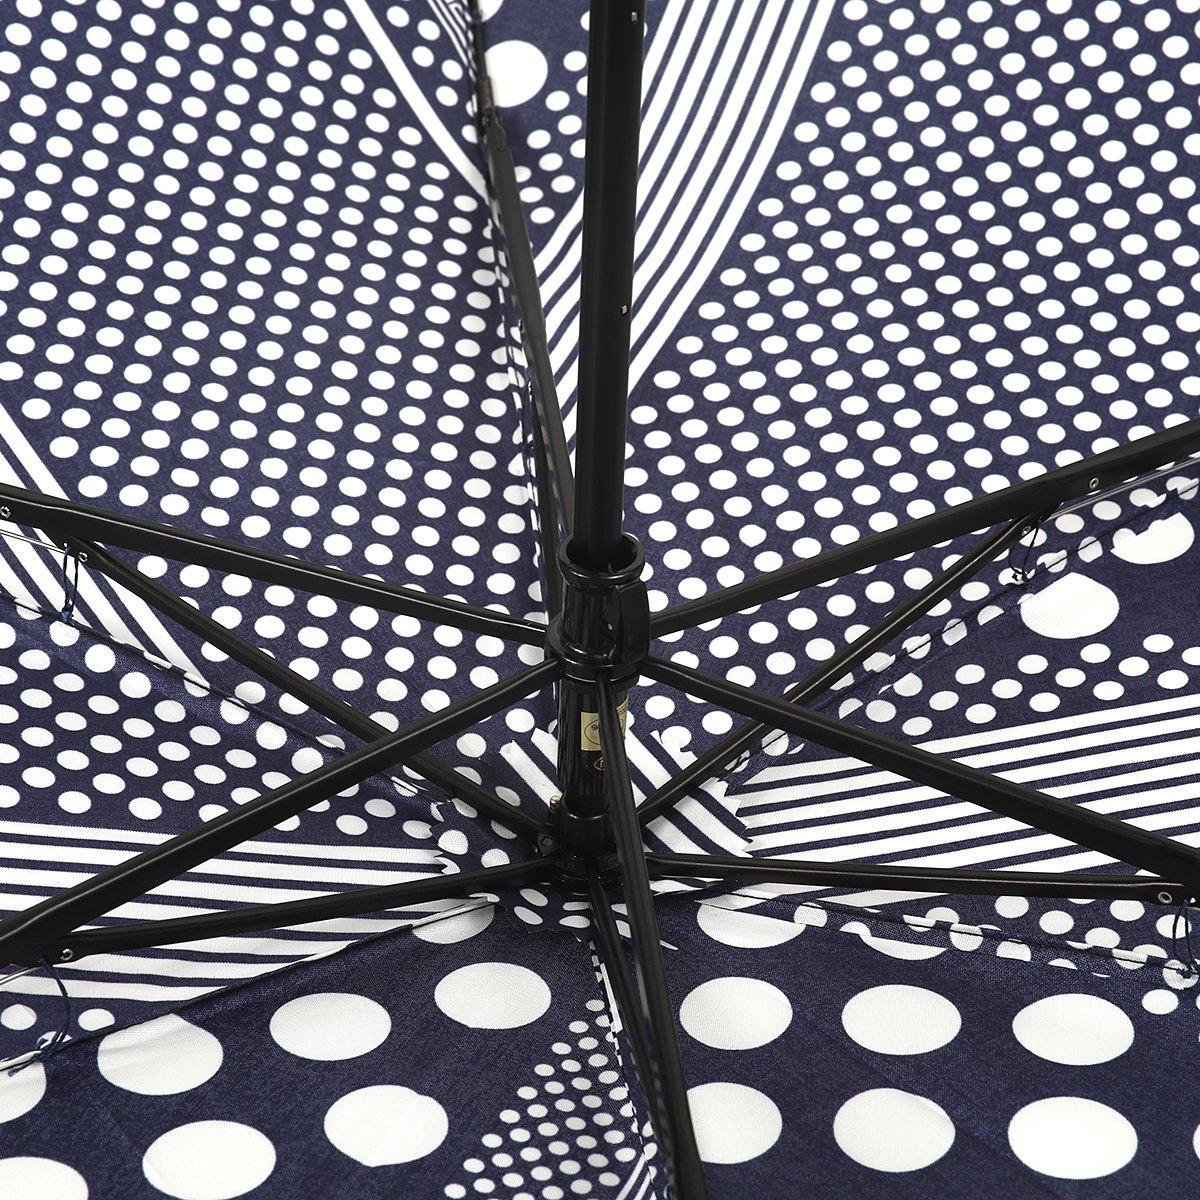 東京ノーブル ドットストライプ 折りたたみ傘 詳細画像13